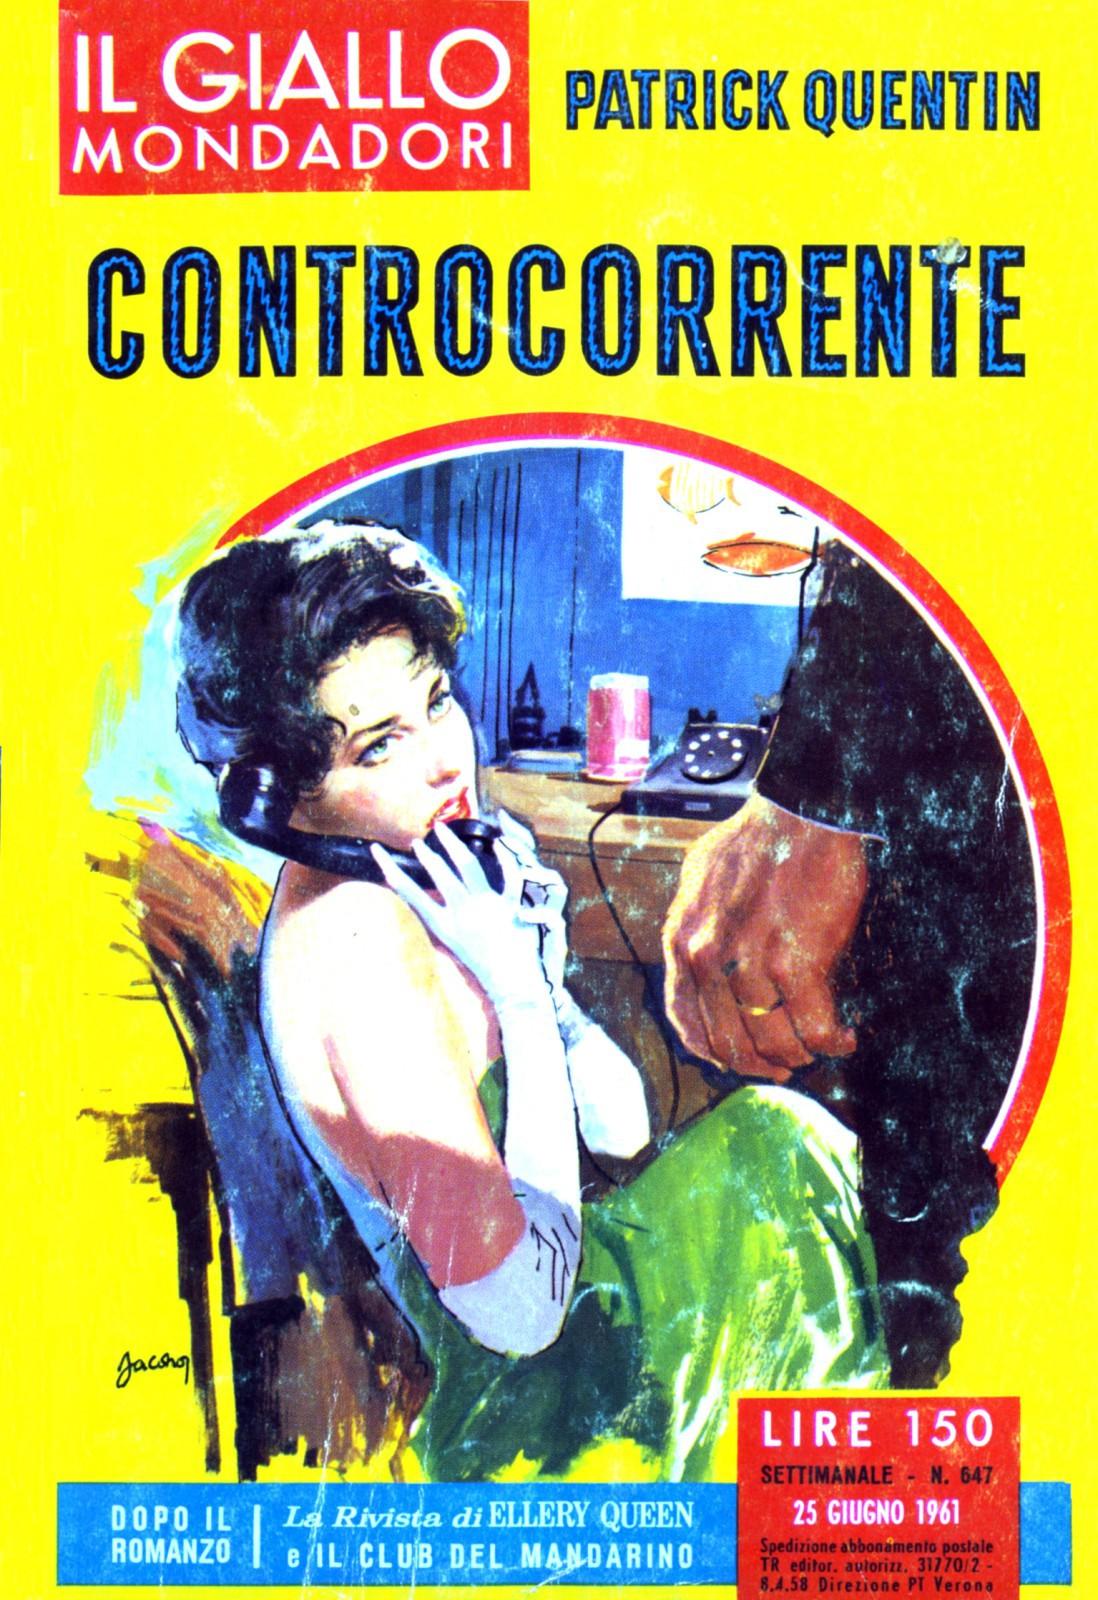 Patrick Quentin - Controcorrente (1961)